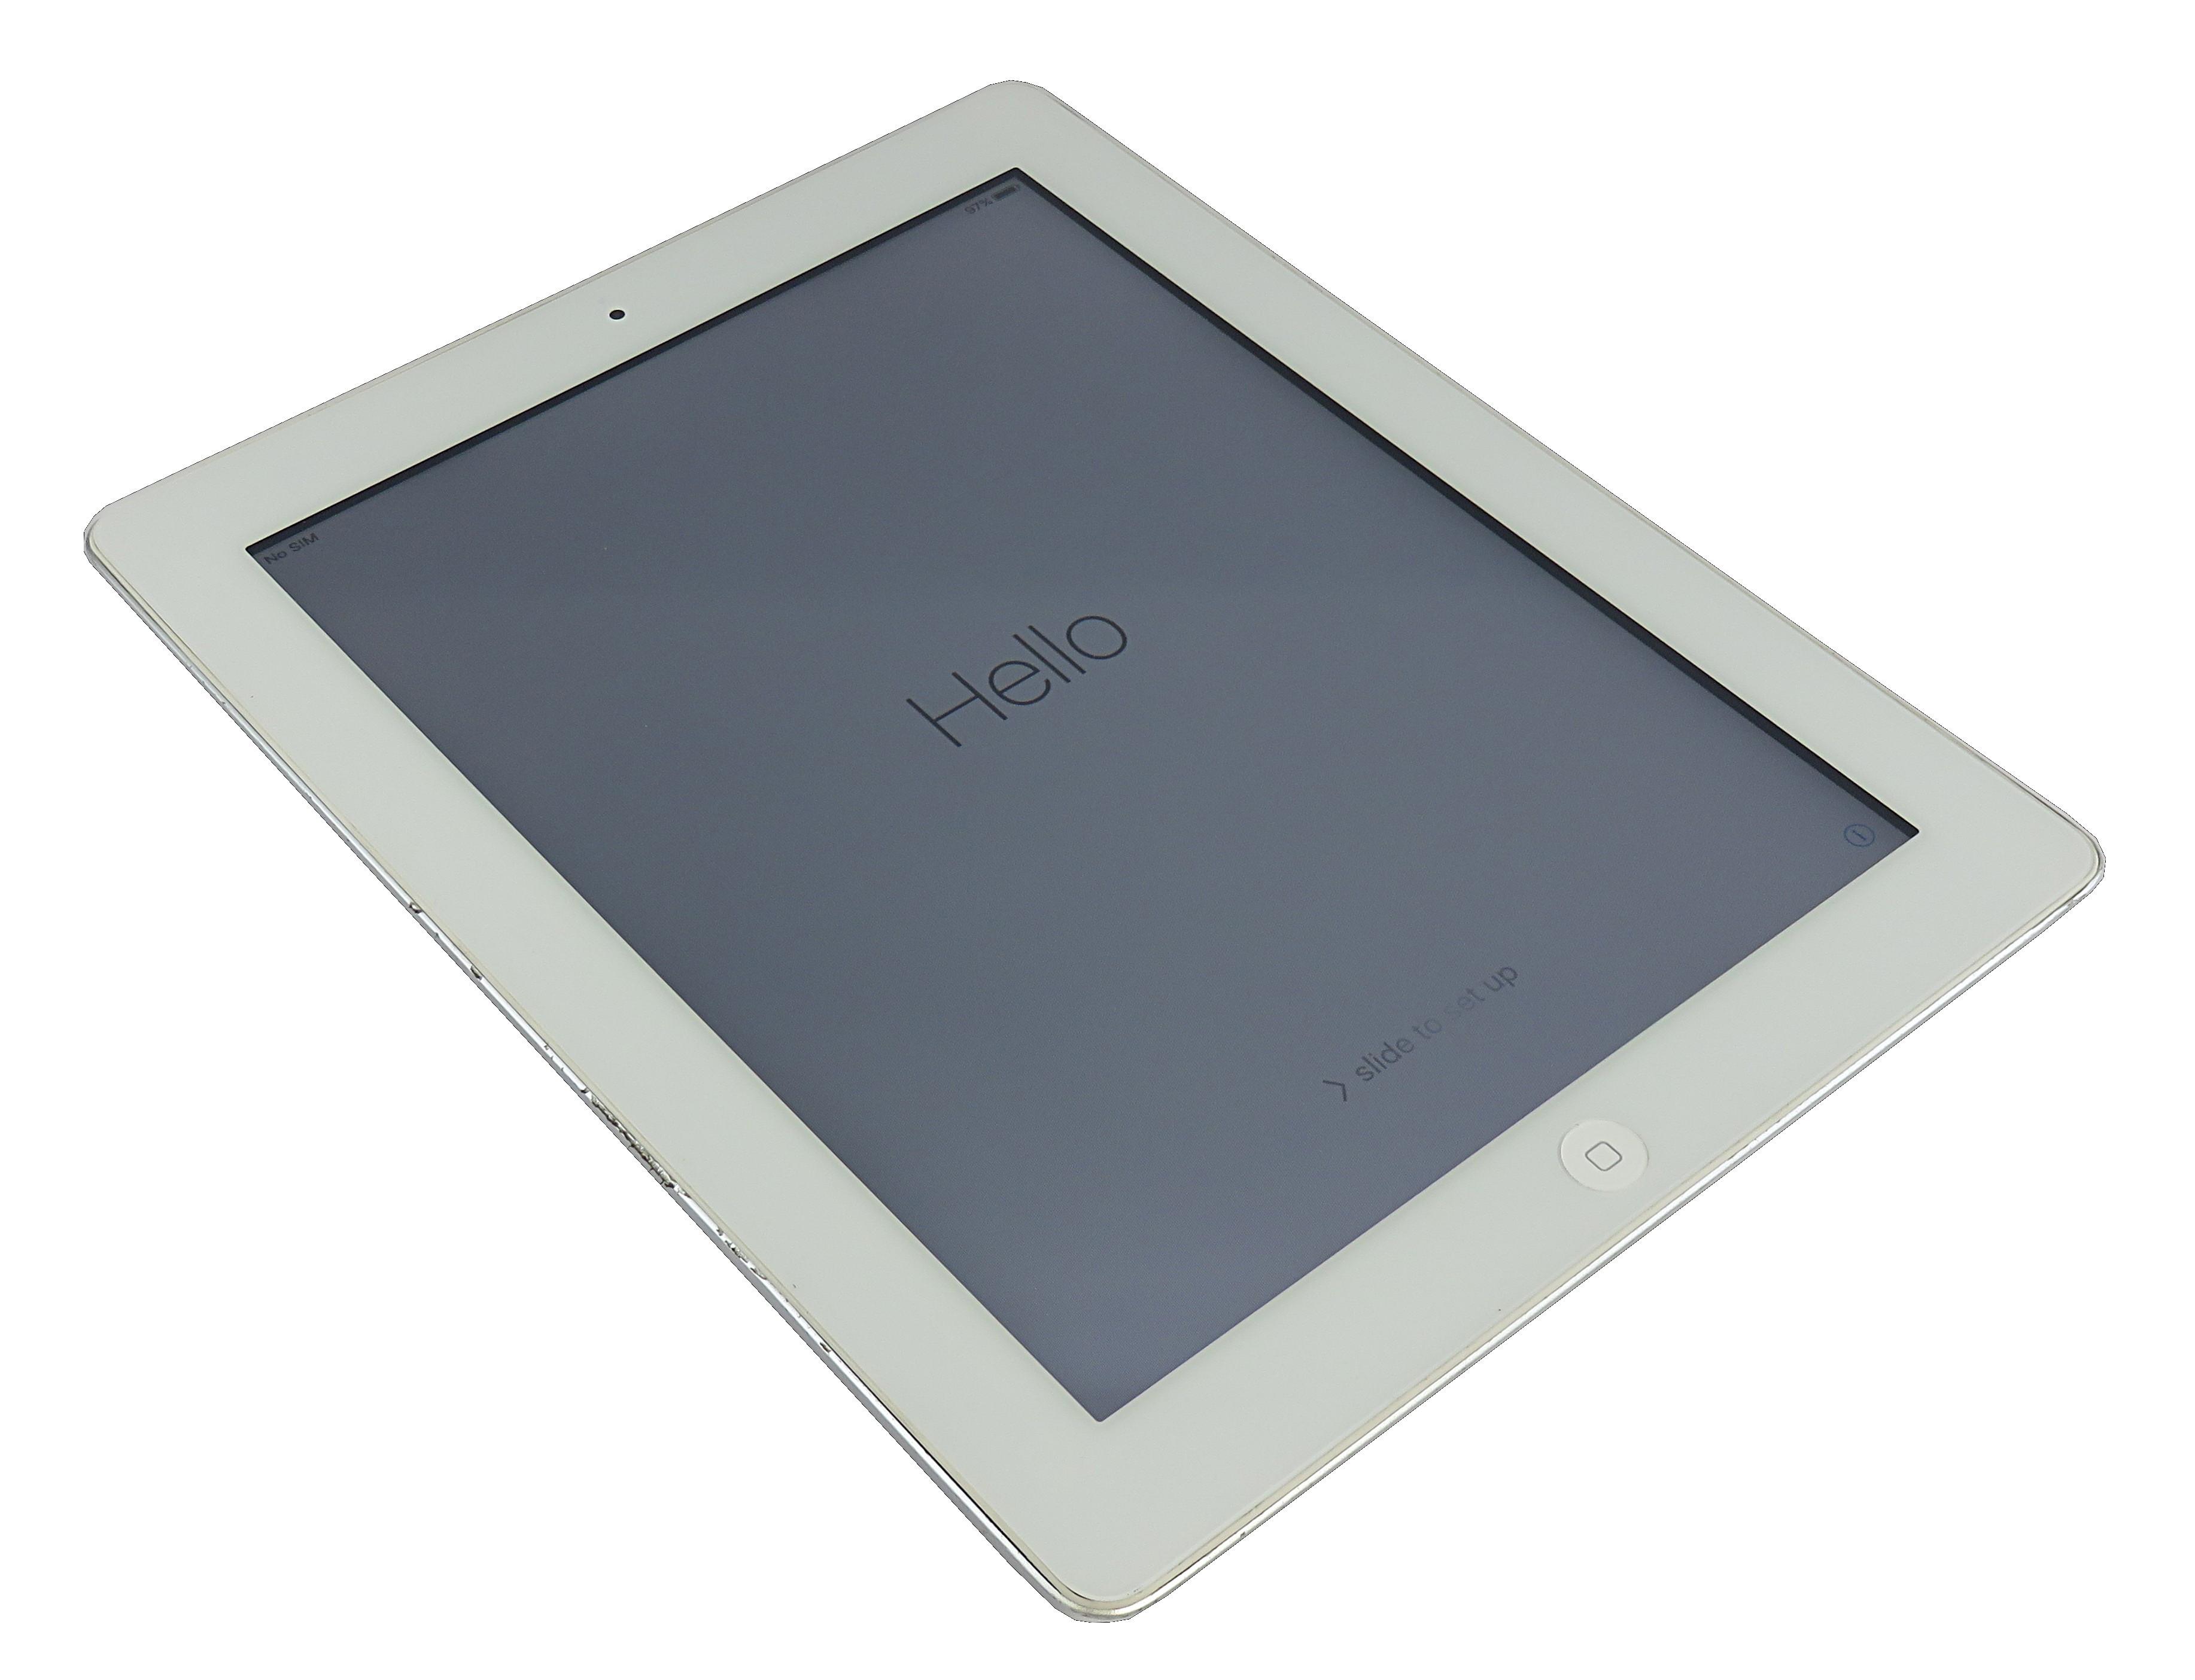 Apple iPad 2 A1396 - 32GB / WiFi+GSM / White / Grade B